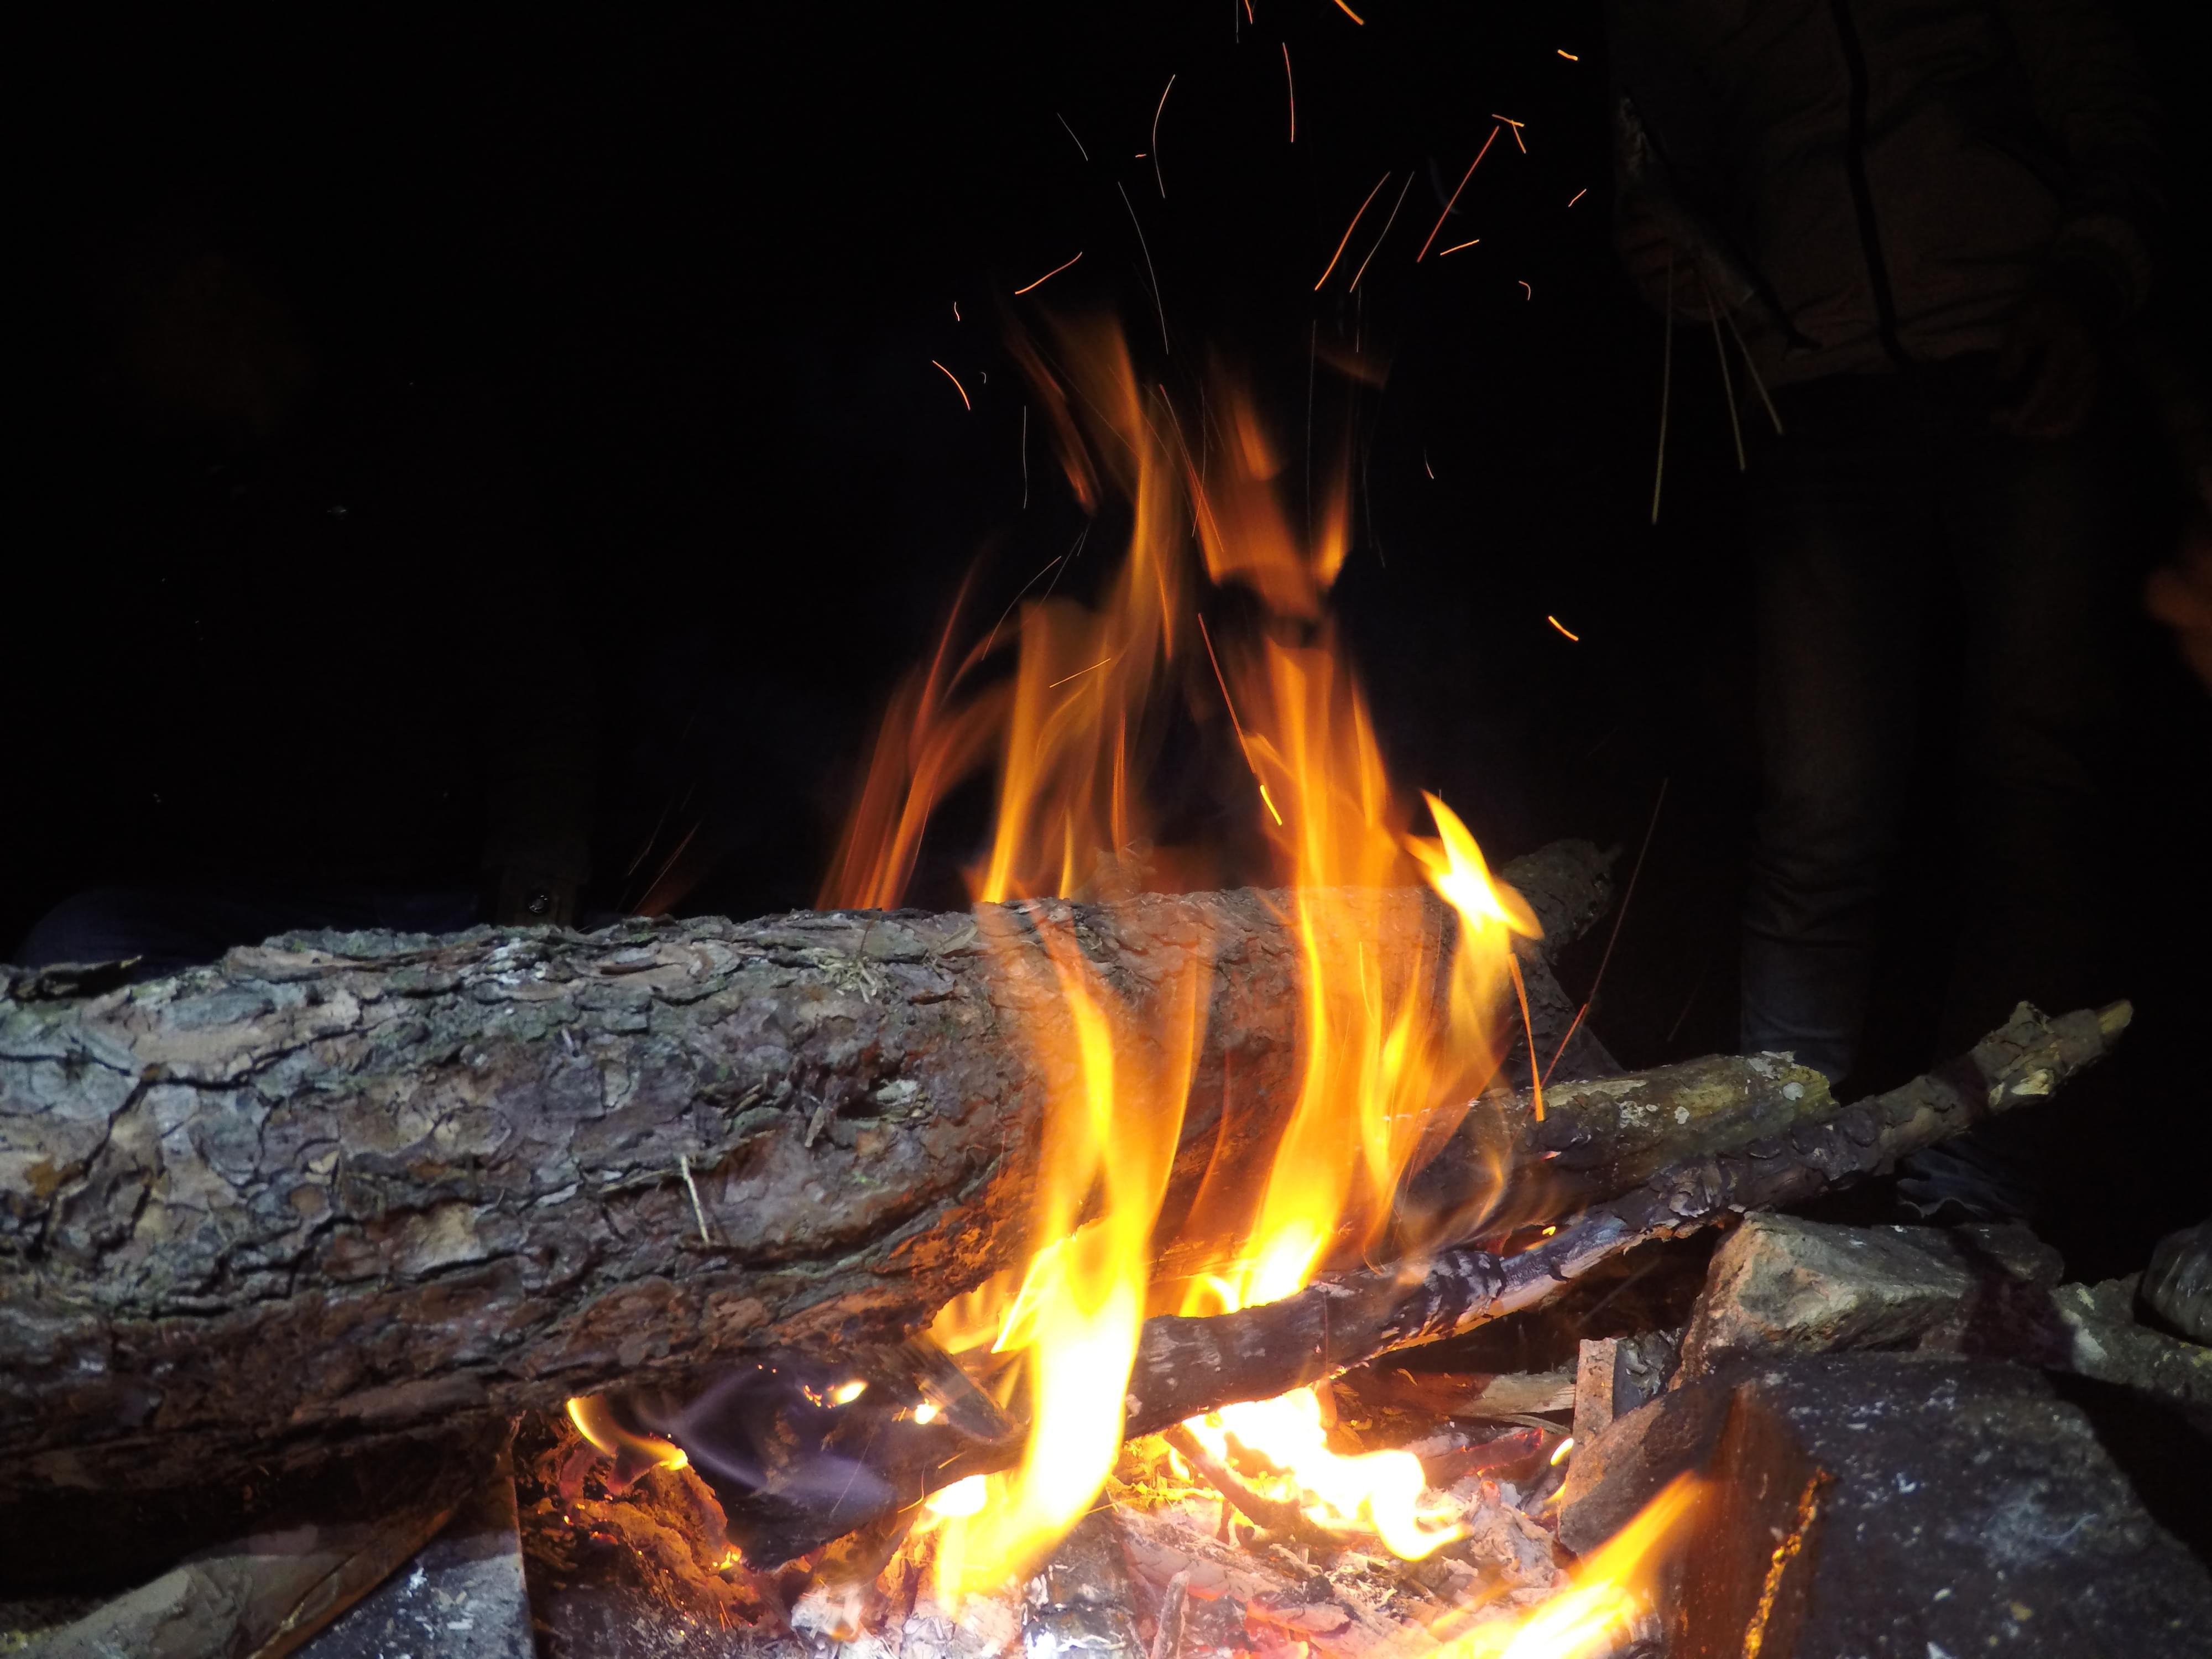 杉洋白溪草场篝火晚会